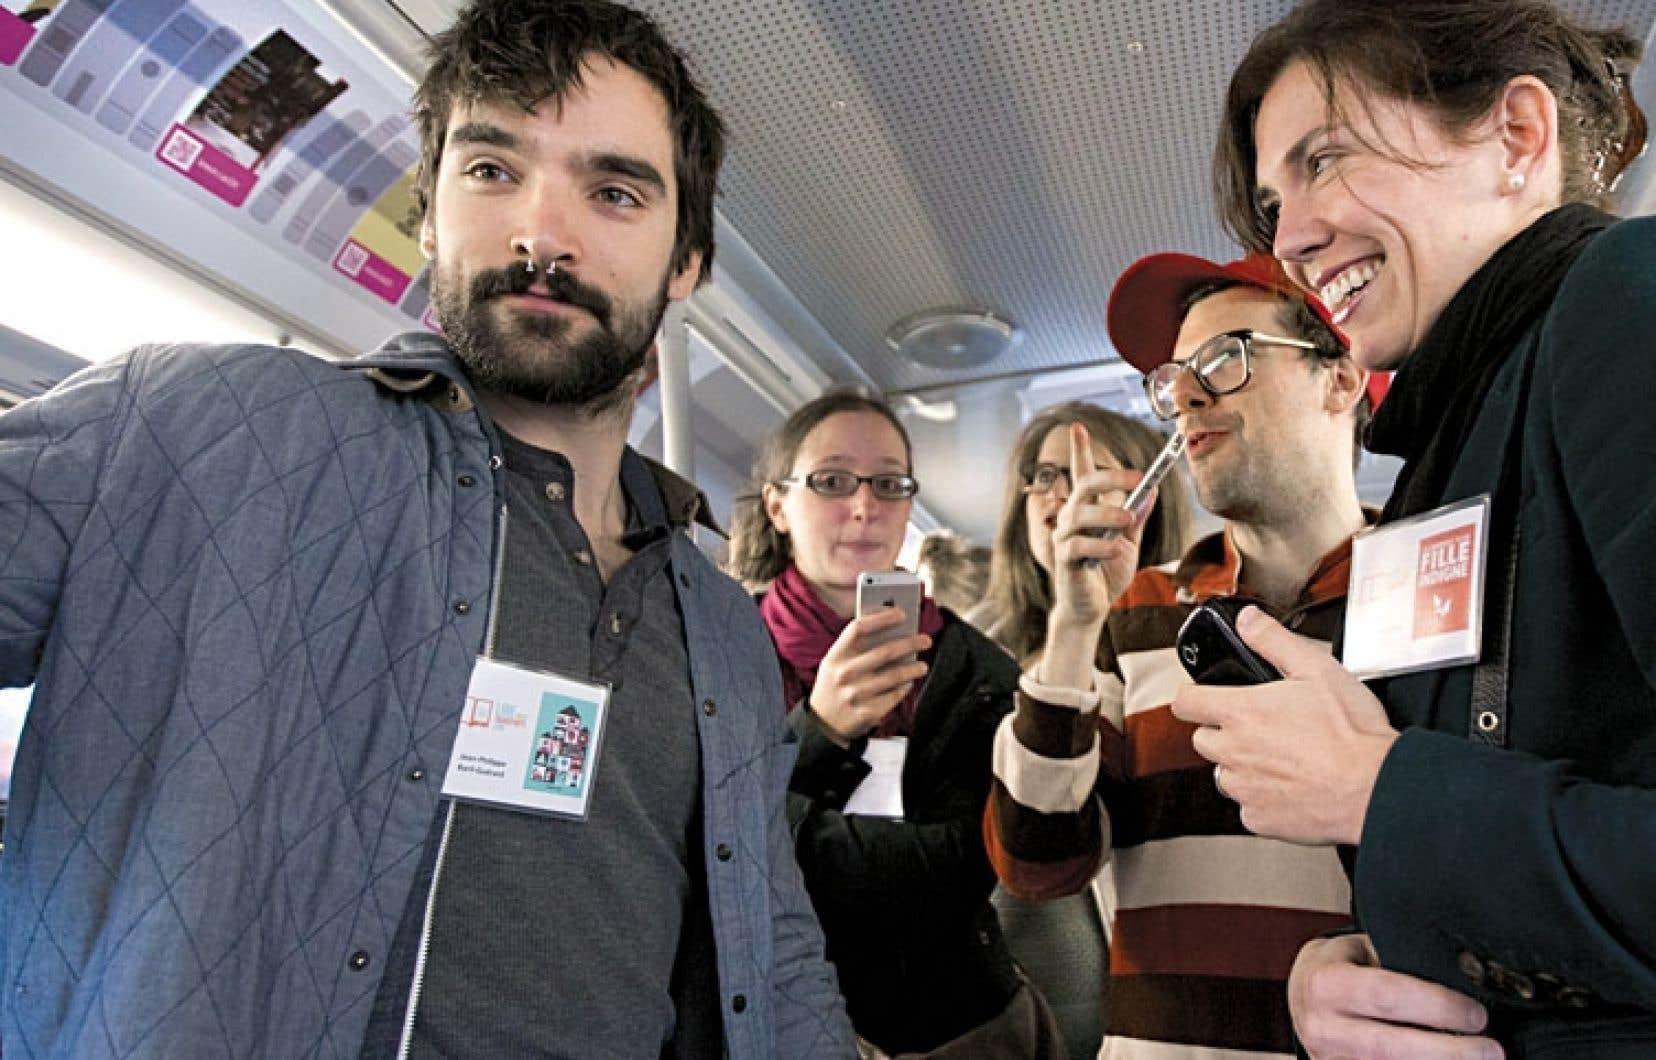 Les auteurs Jean-Philippe Baril Guérard et Caroline Allard, entre autres, étaient présents mardi pour le lancement de l'événement Lire vous transporte, dans un autobus de la STM.